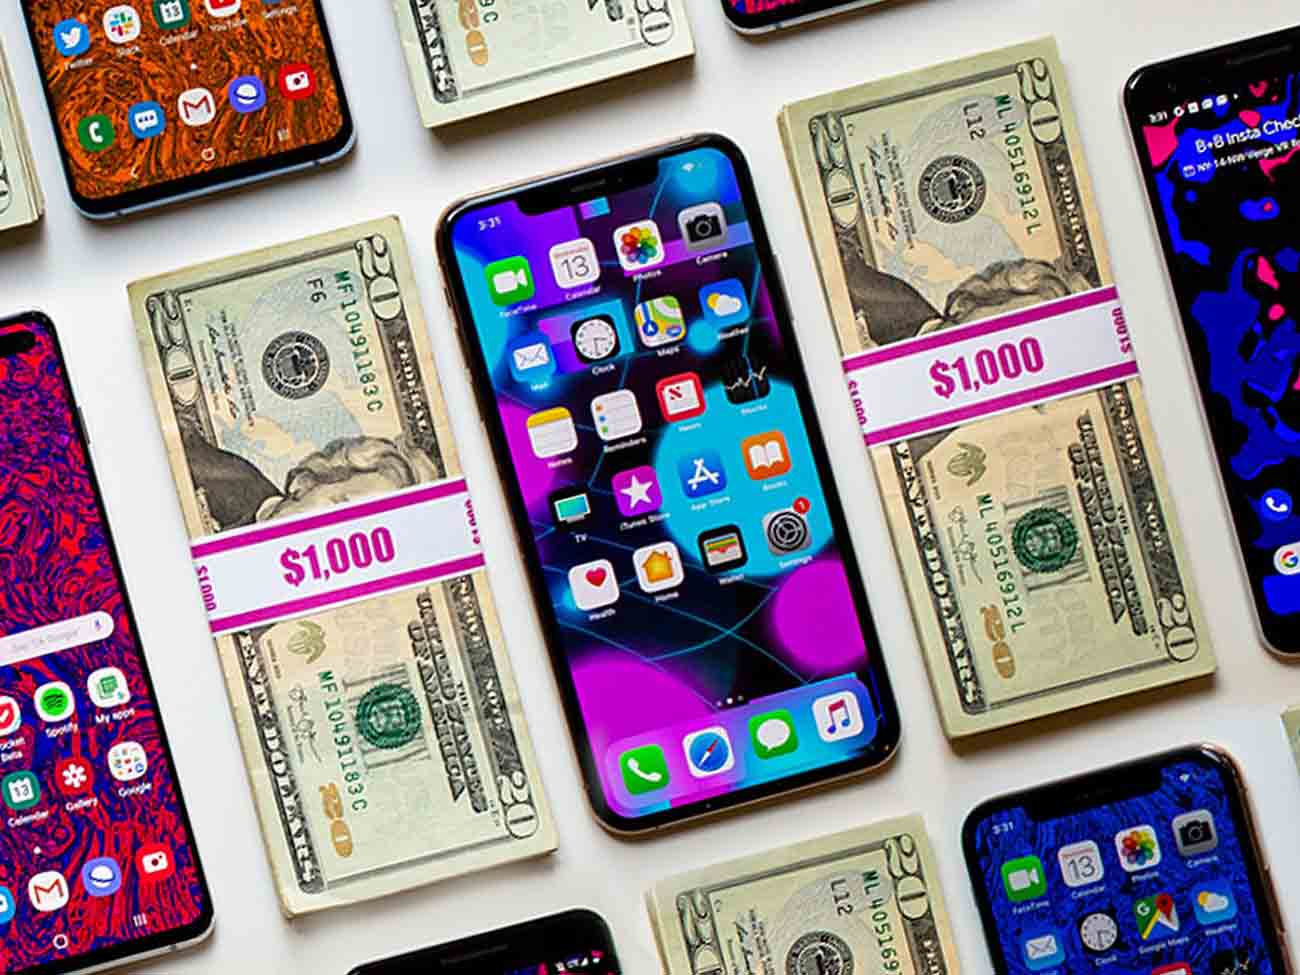 افزایش قیمت گوشی های هوشمند